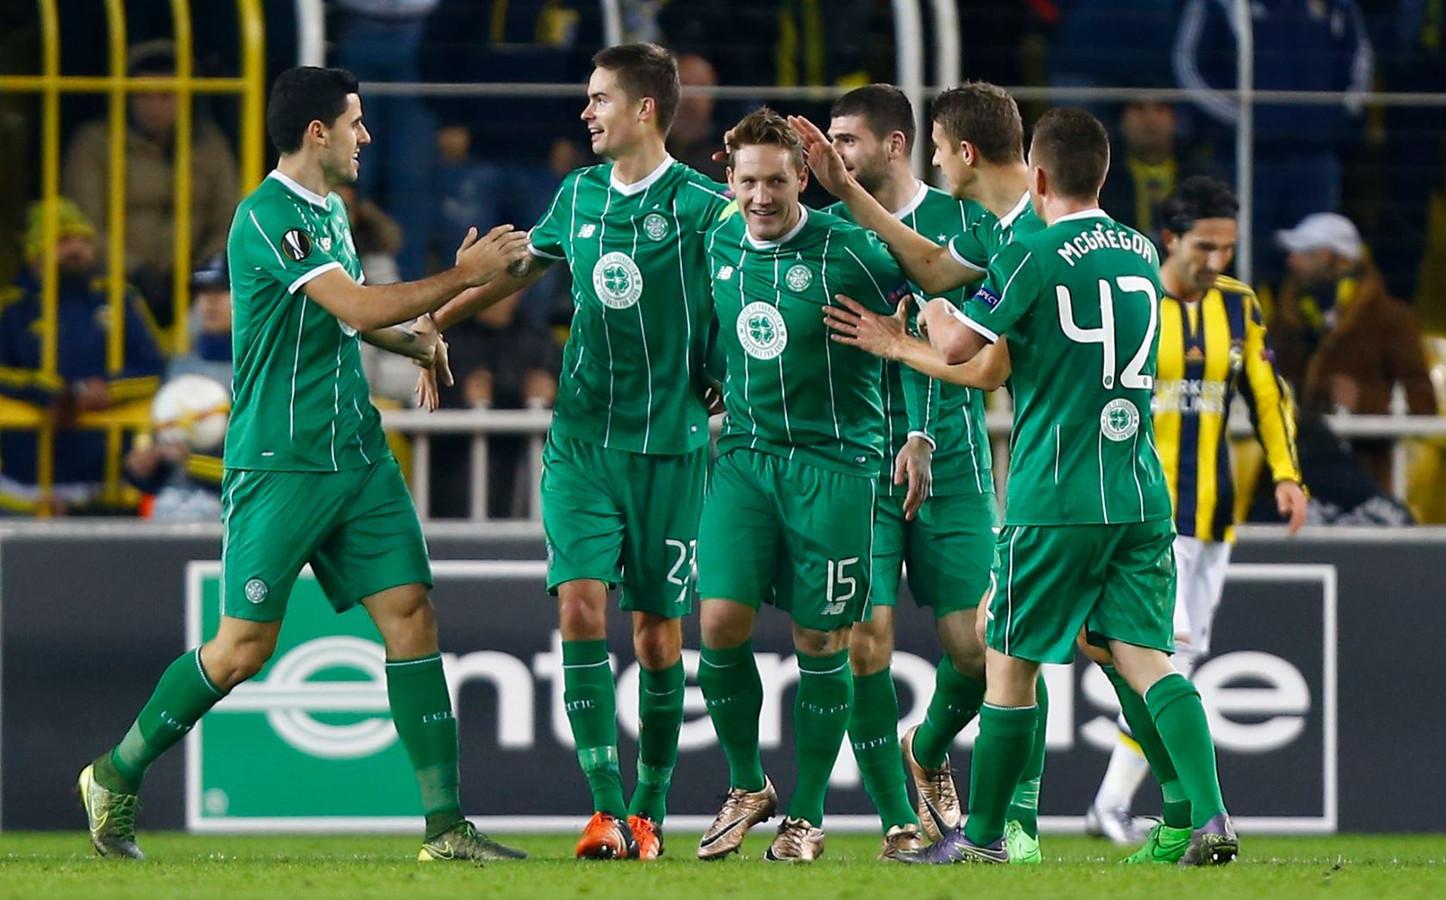 Commons wordt gefeliciteerd na zijn doelpunt in desbetreffende wedstrijd tegen Fenerbahçe.